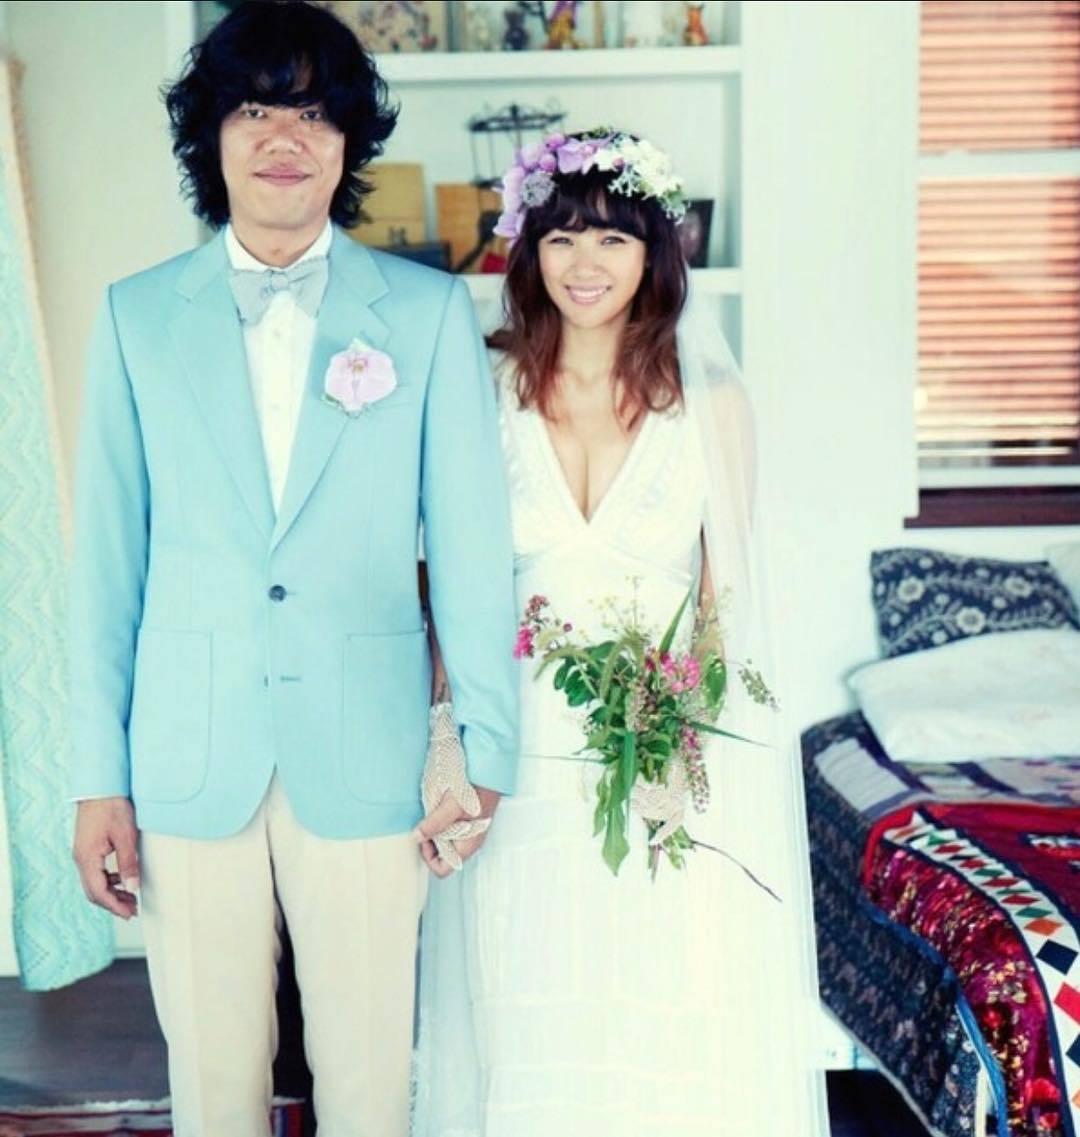 李孝利婚後淡出演藝圈,和老公移居濟州島低調過日子。